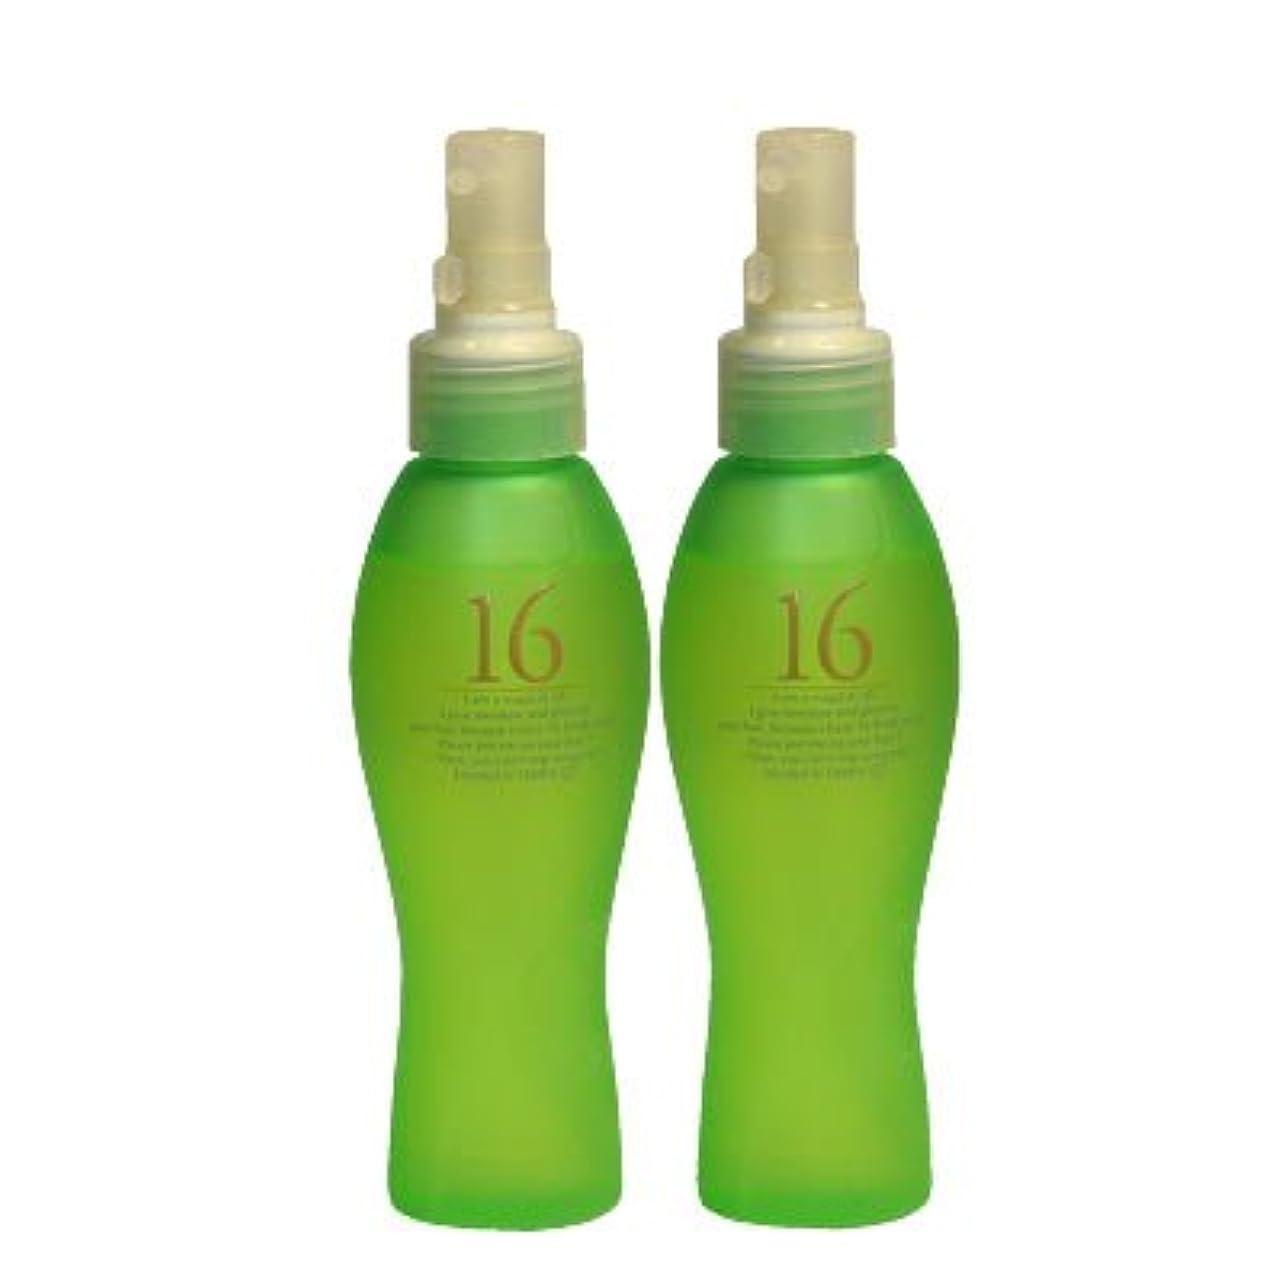 費用汚すのためにヘアオイル【ハホニコ】十六油 120ml【2個セット】